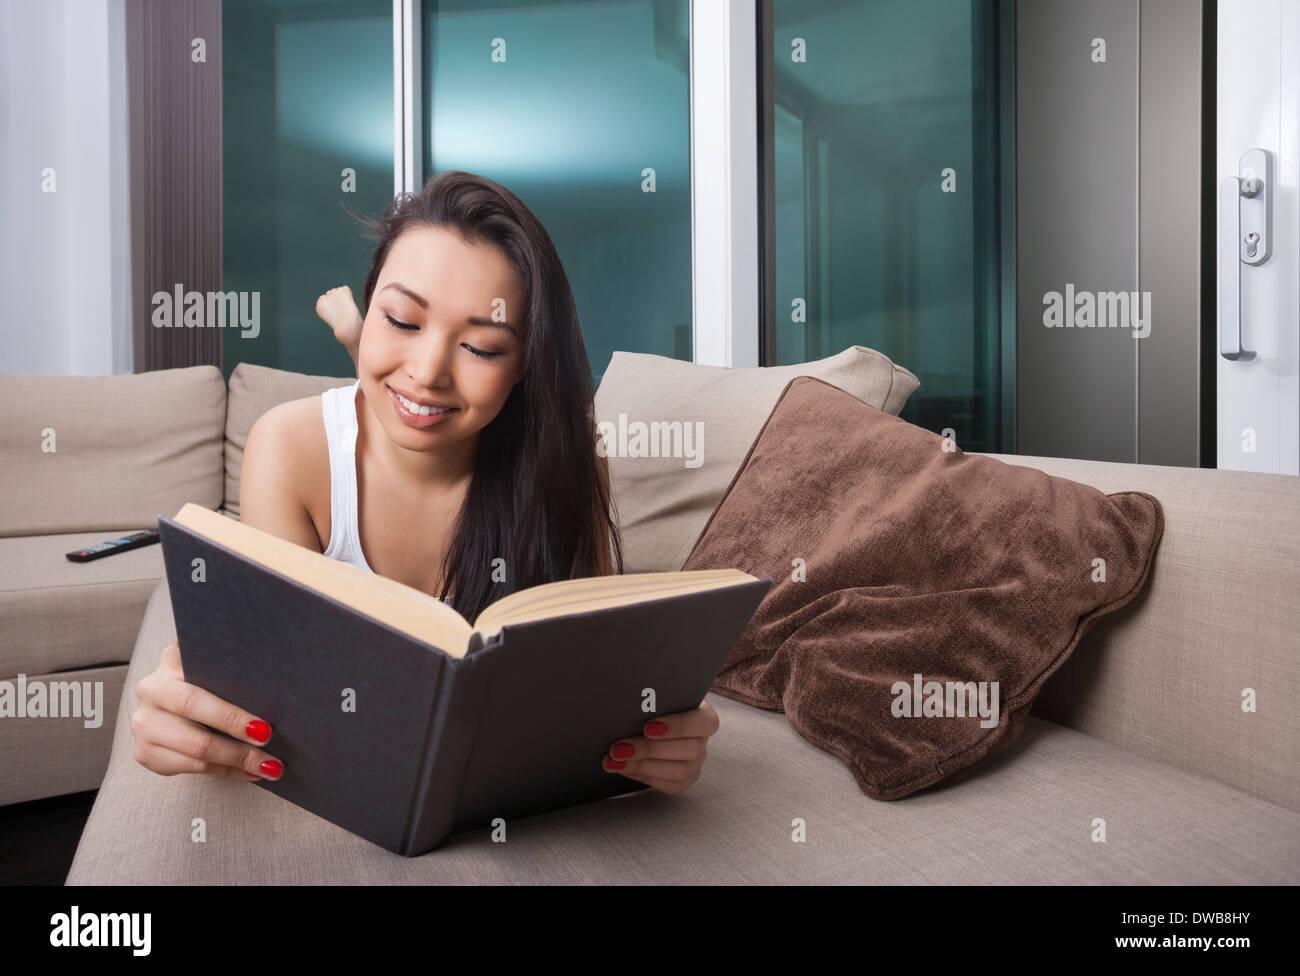 Feliz joven libro de lectura mientras está acostada sobre el sofá Foto de stock